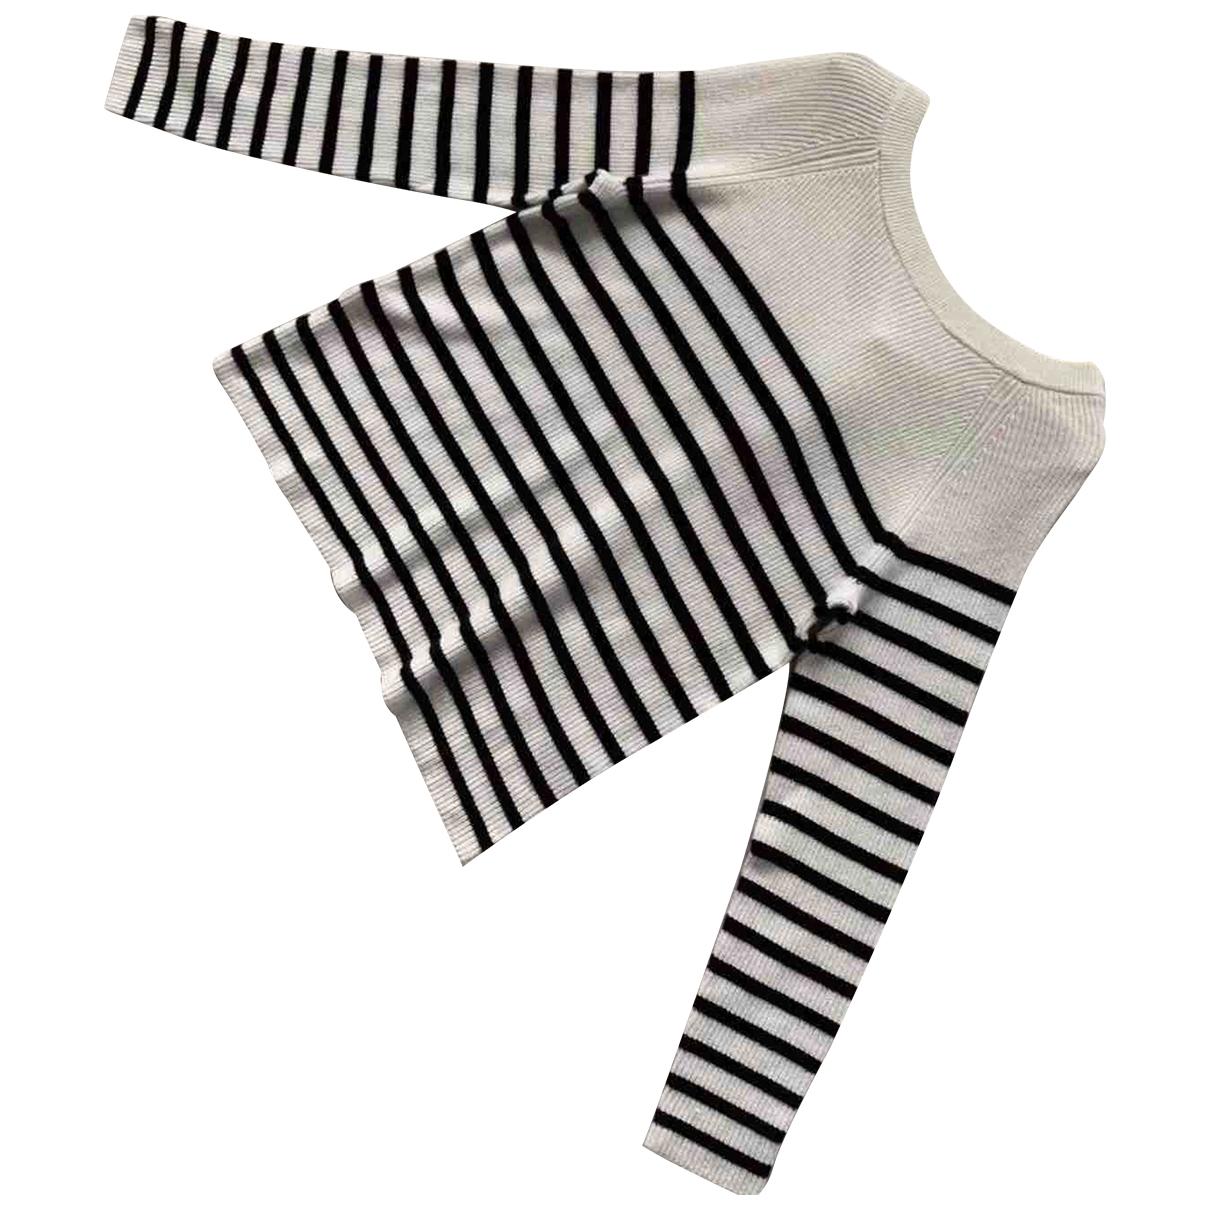 Joseph \N Cashmere Knitwear for Women S International